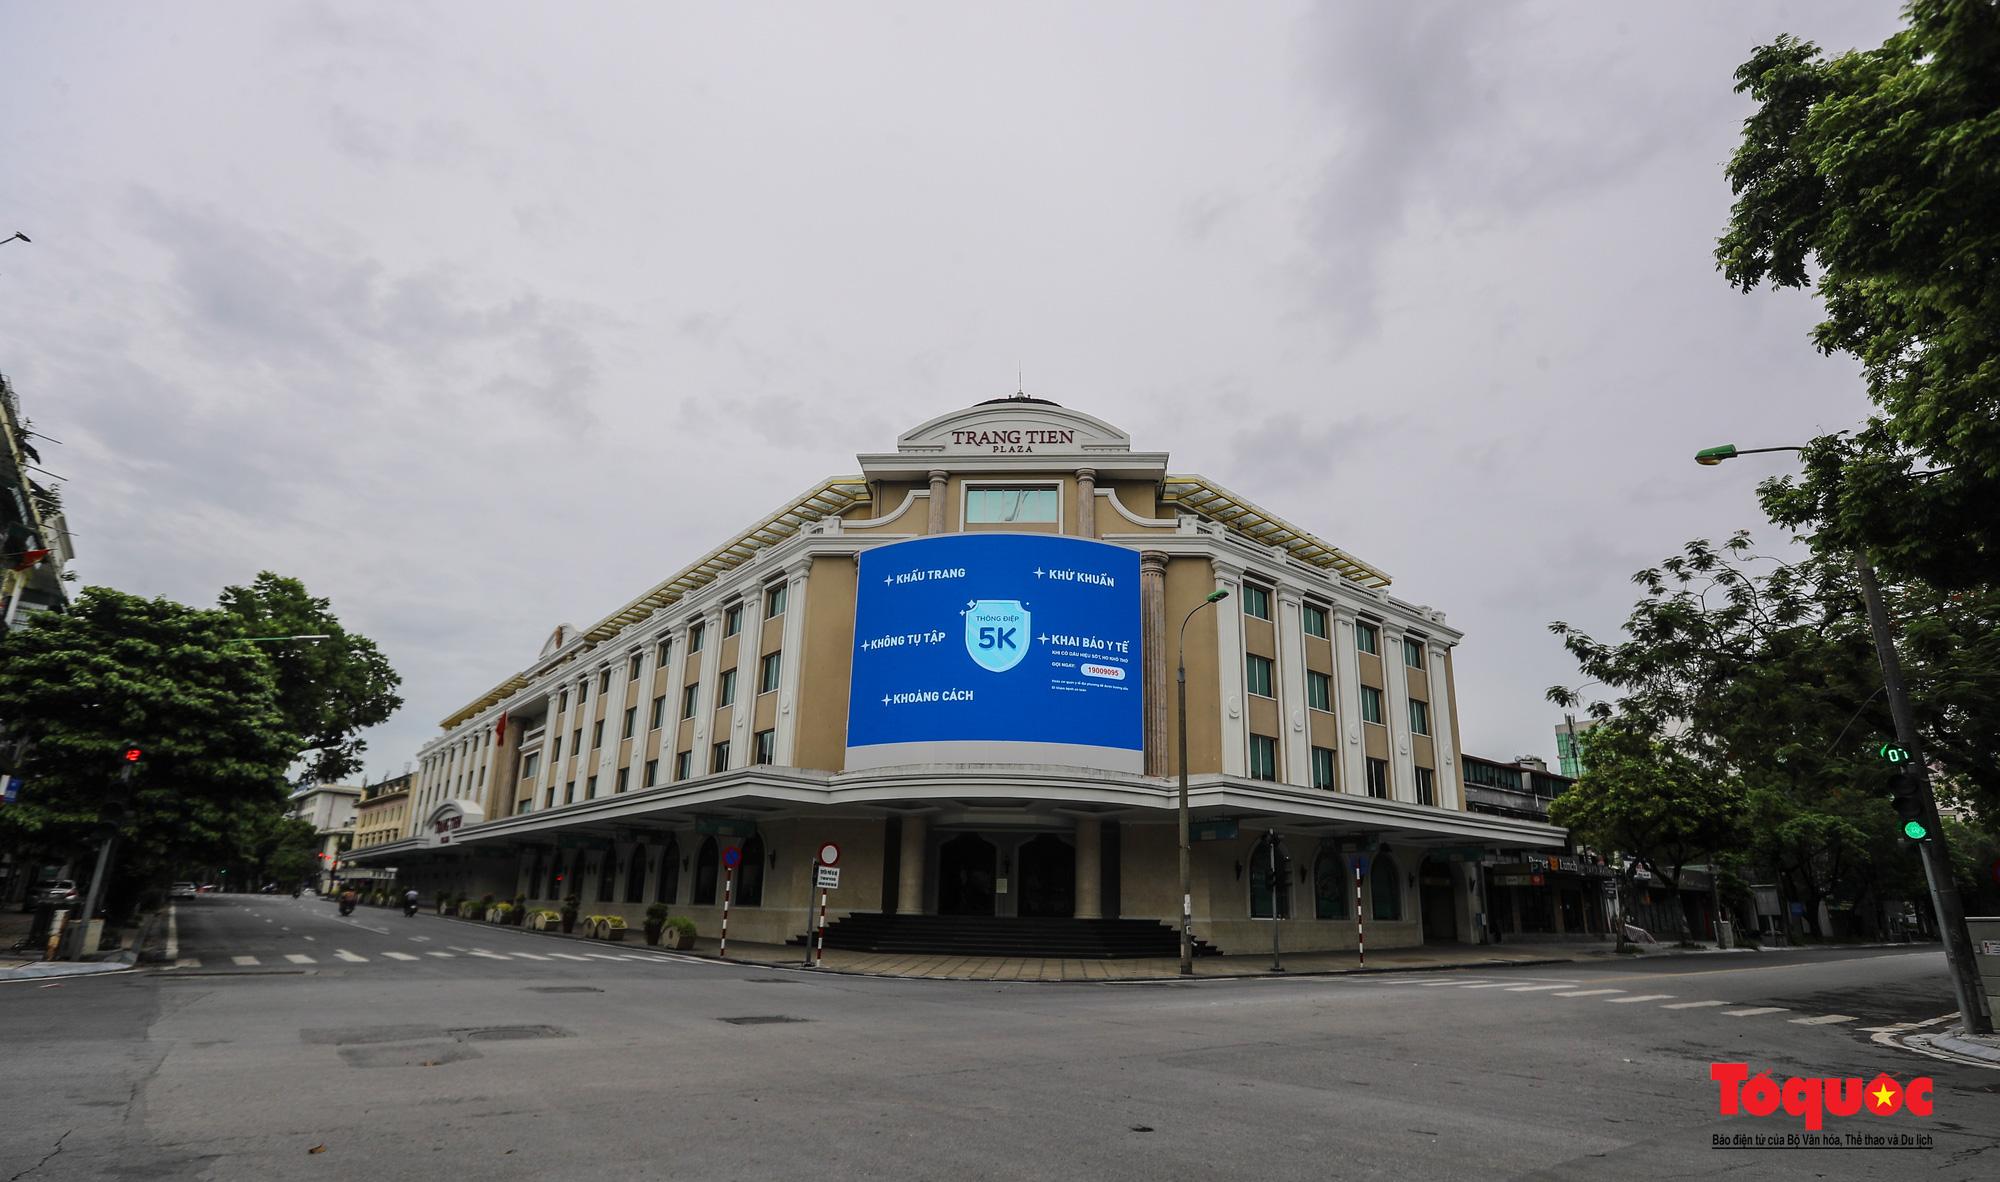 Pano, hình ảnh cổ động phòng chống dịch COVID-19 trên khắp đường phố Hà Nội - Ảnh 9.